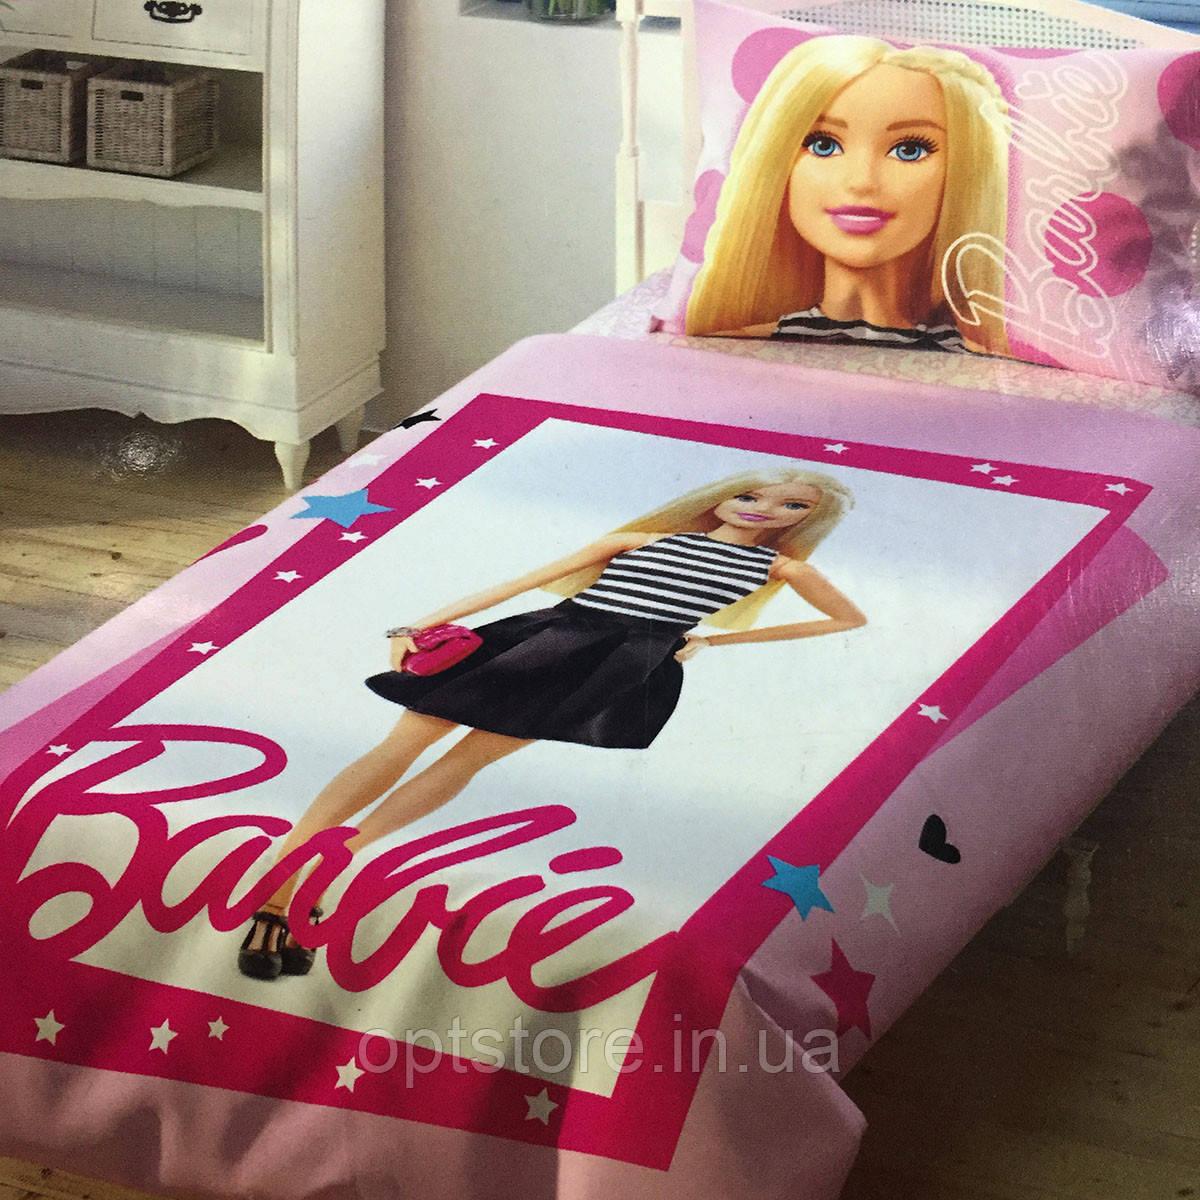 Дитяче та підліткове постільна білизна TAC Barbie ранфорс / простирадло на гумці